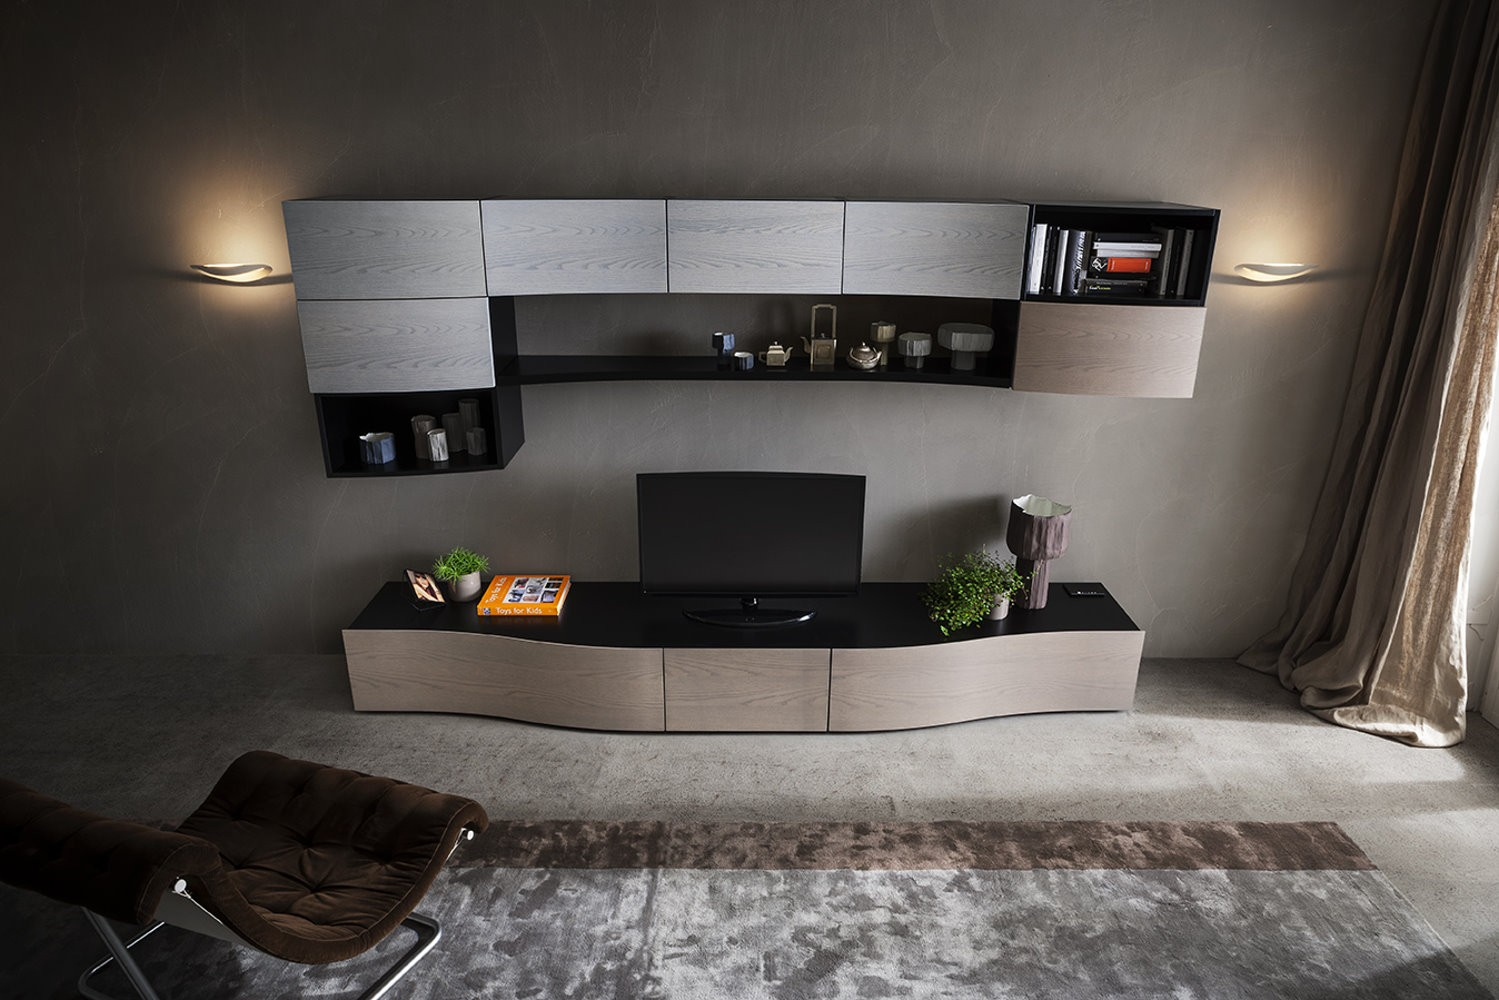 Marcam interni italiani arredamenti mobili cucine for Soggiorno moderno elegante